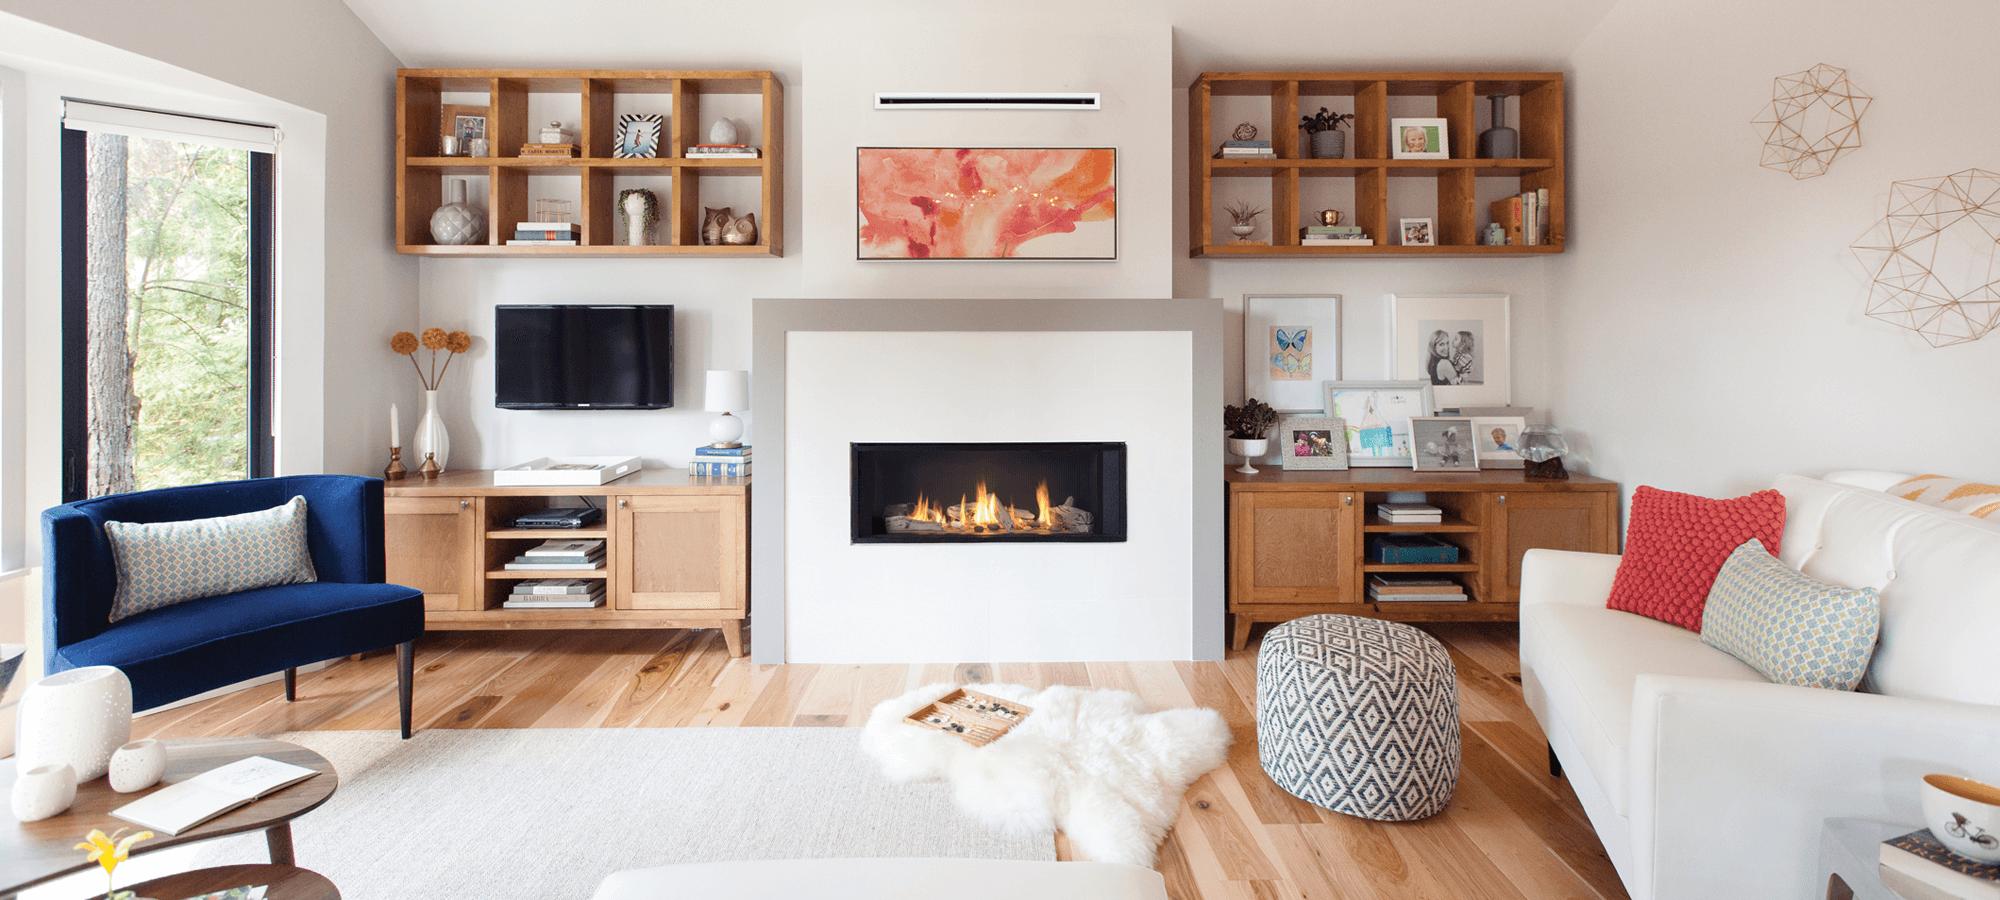 Kijiji Kitchener Waterloo Furniture Valor The Original Radiant Gas Fireplace